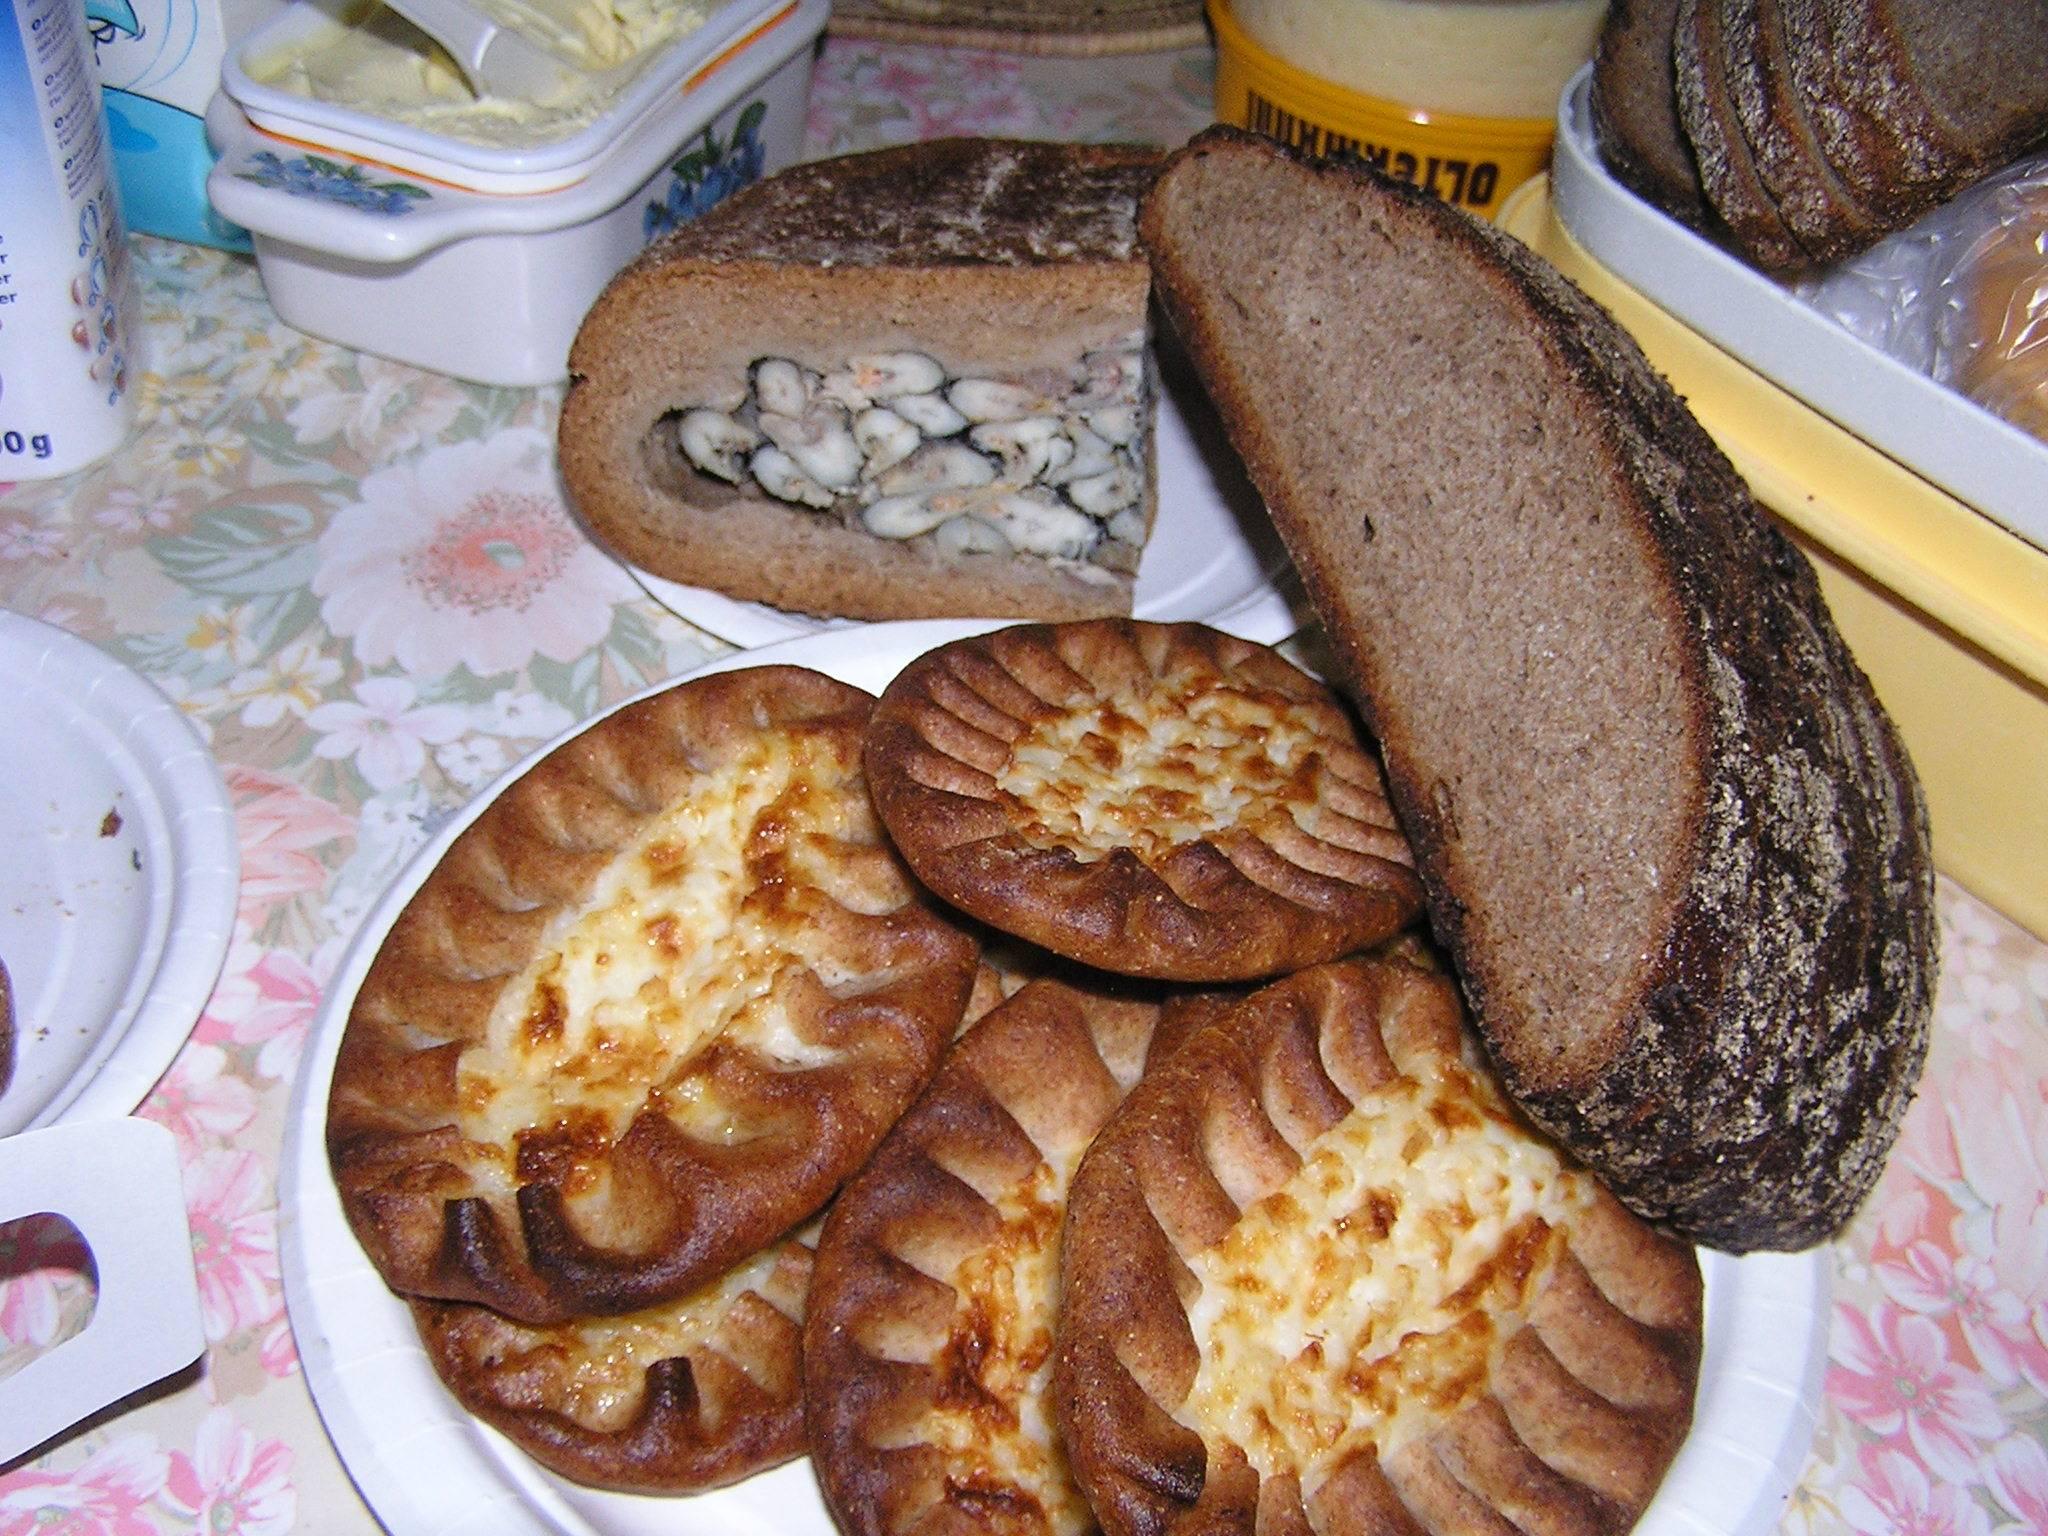 Что привезти из финляндии. сколько можно привезти: сыра, рыбы, алкоголя. что привезти в подарок. отзывы с ценами.